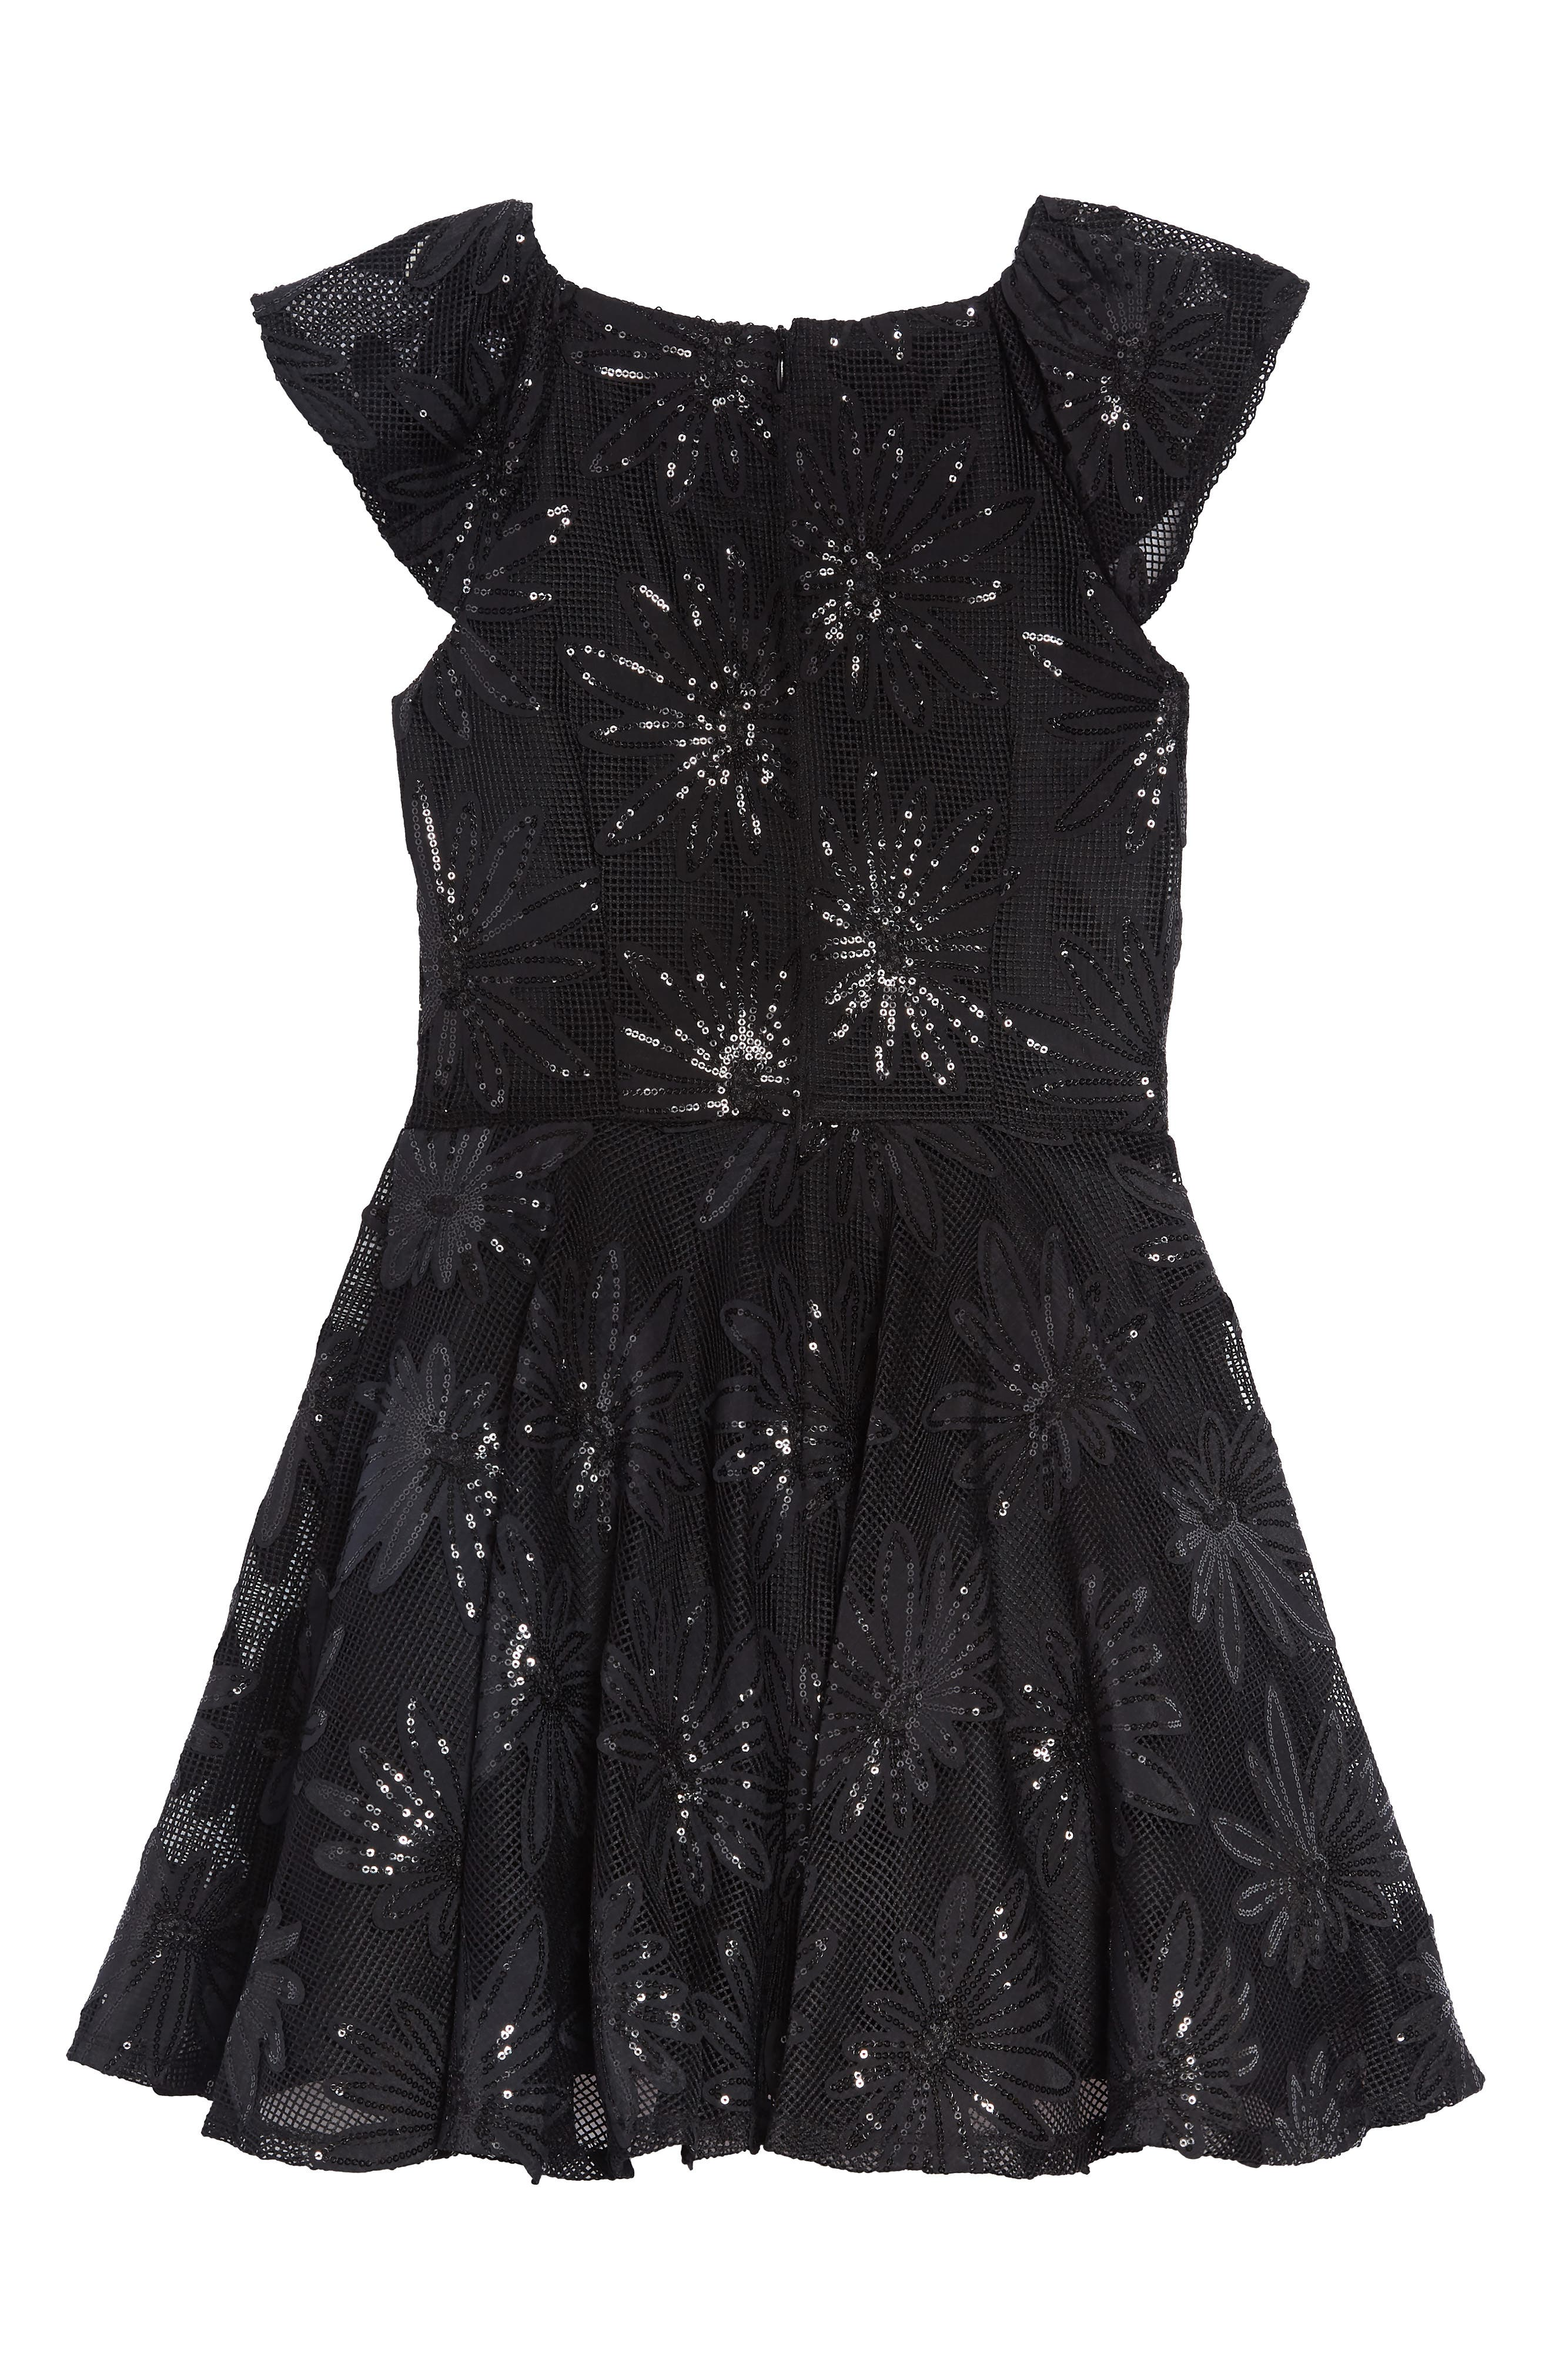 Sequin Flower Dress,                             Alternate thumbnail 2, color,                             BLACK